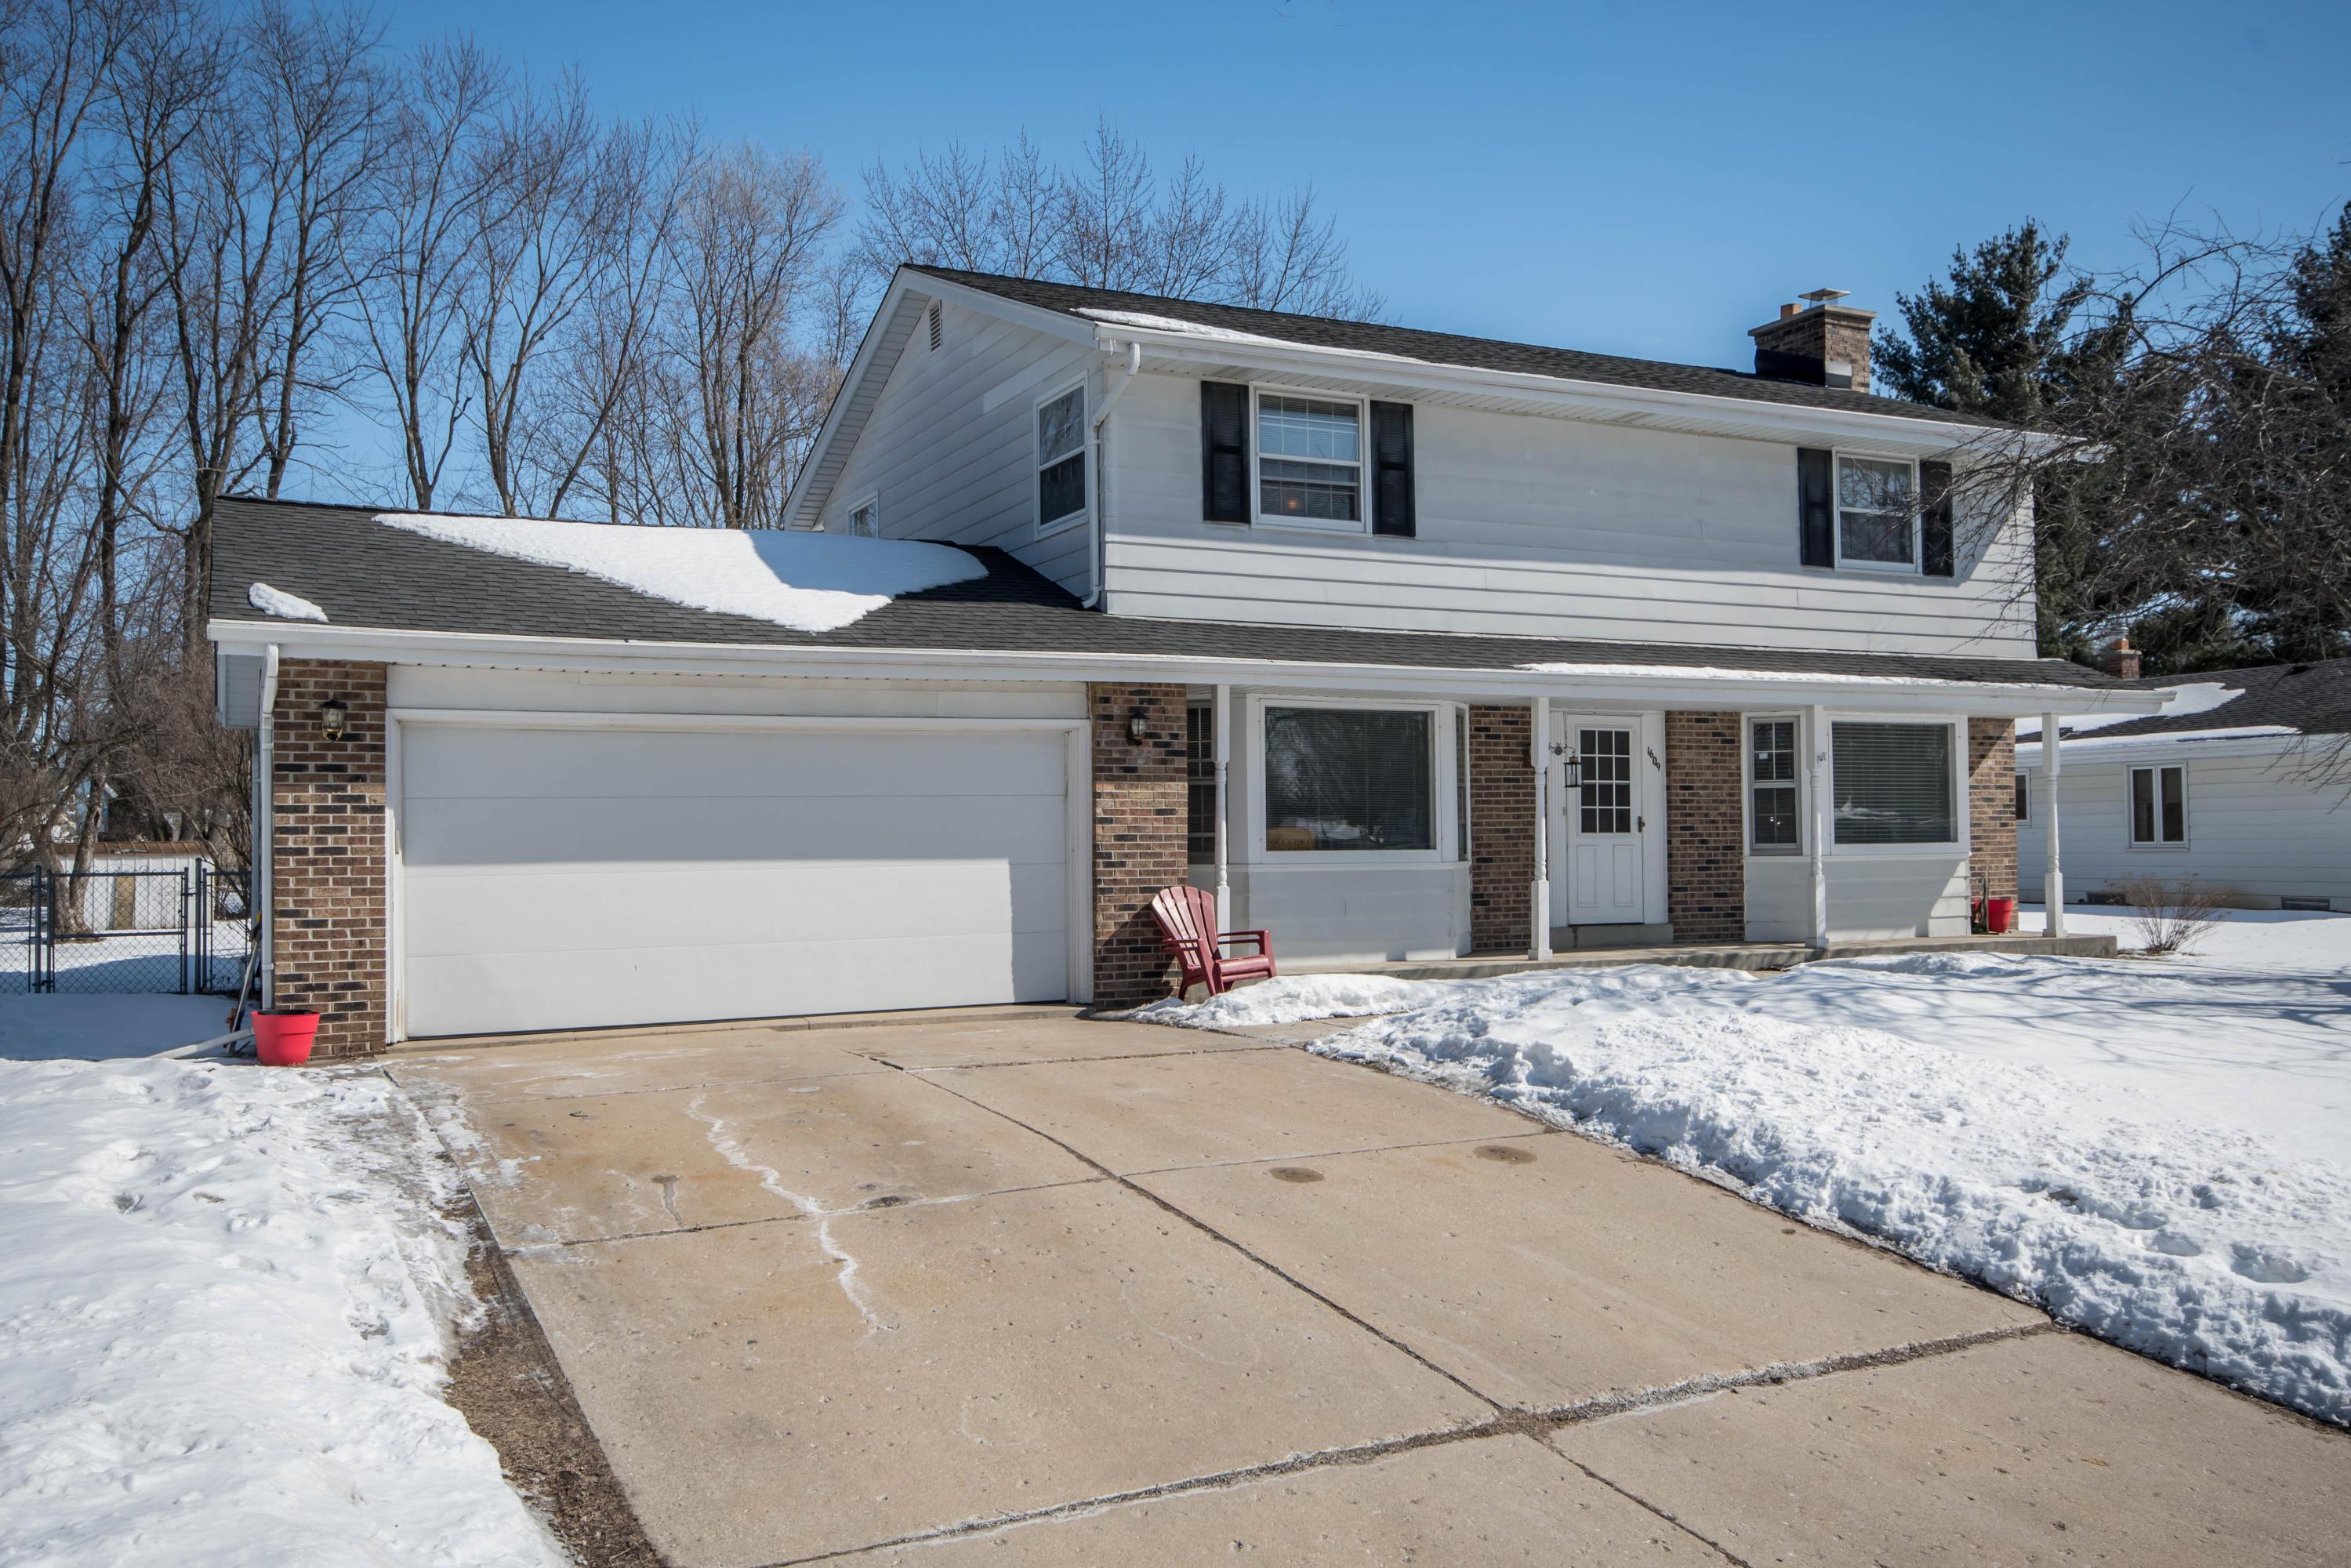 1609 Chapman Dr, Waukesha, Wisconsin 53189, 4 Bedrooms Bedrooms, 8 Rooms Rooms,1 BathroomBathrooms,Single-Family,For Sale,Chapman Dr,1624939